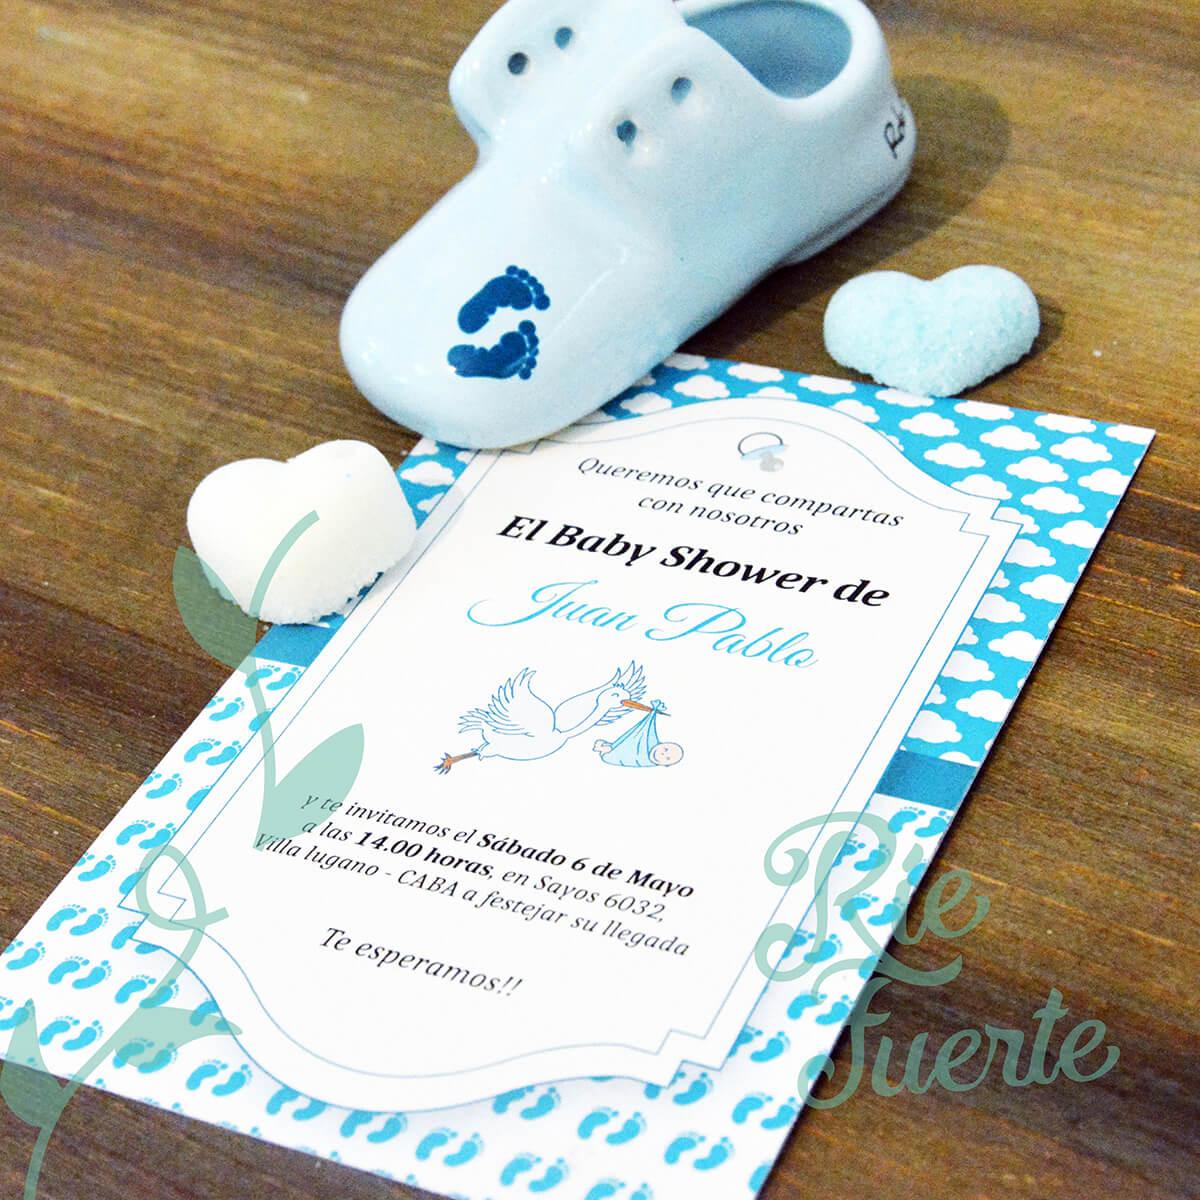 baby shower invitación M. feets Juan Pablo